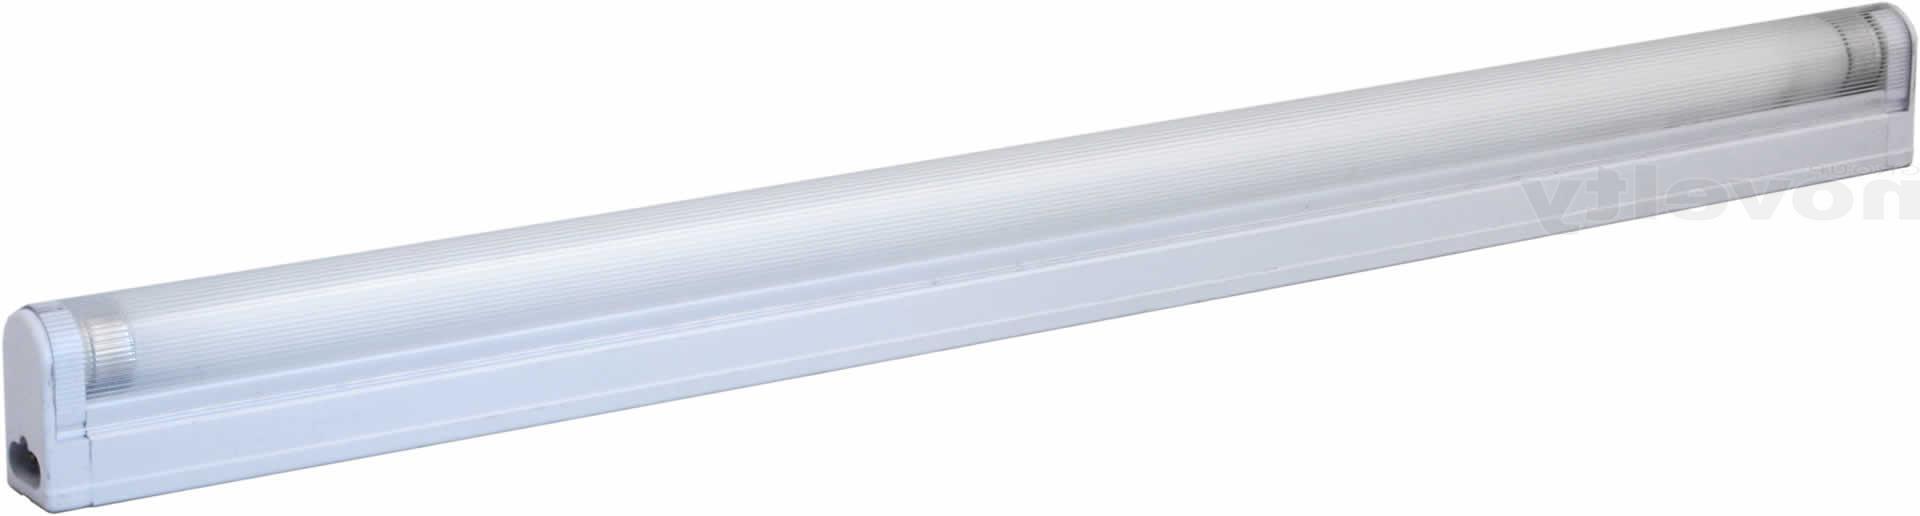 Comment retirer un tube néon ?